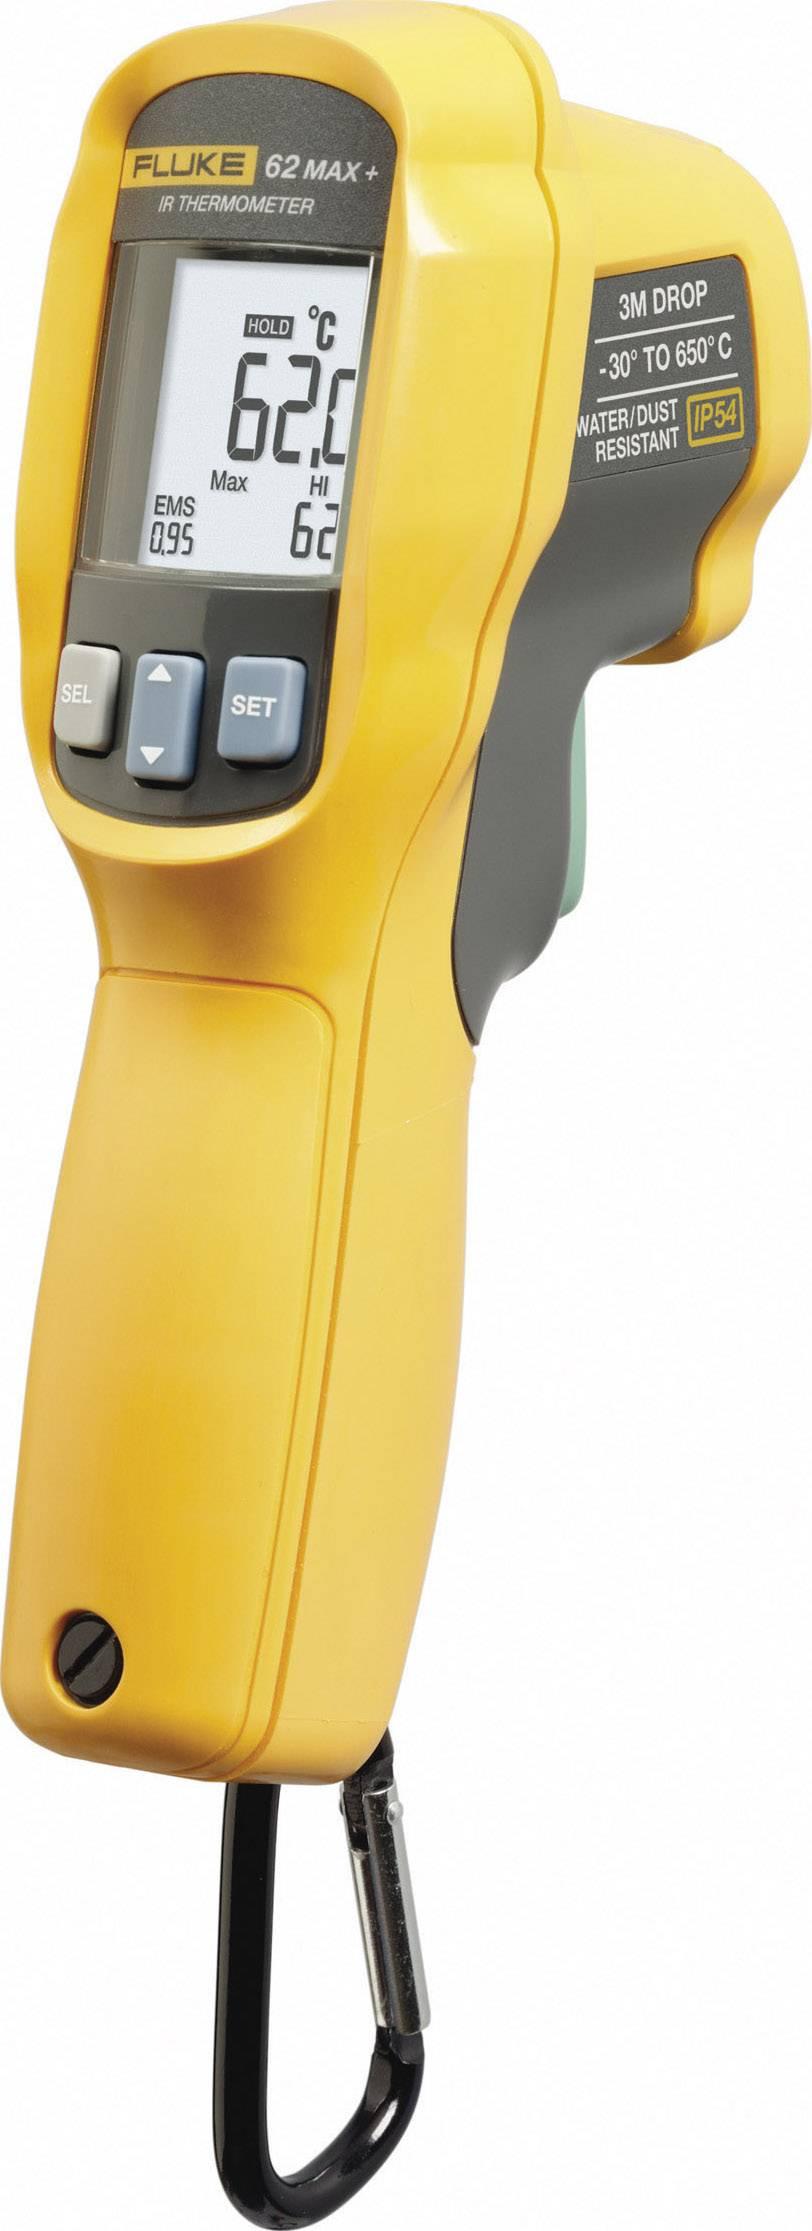 IR teploměr FLUKE-62 MAX PLUS,-30 až +650 °C